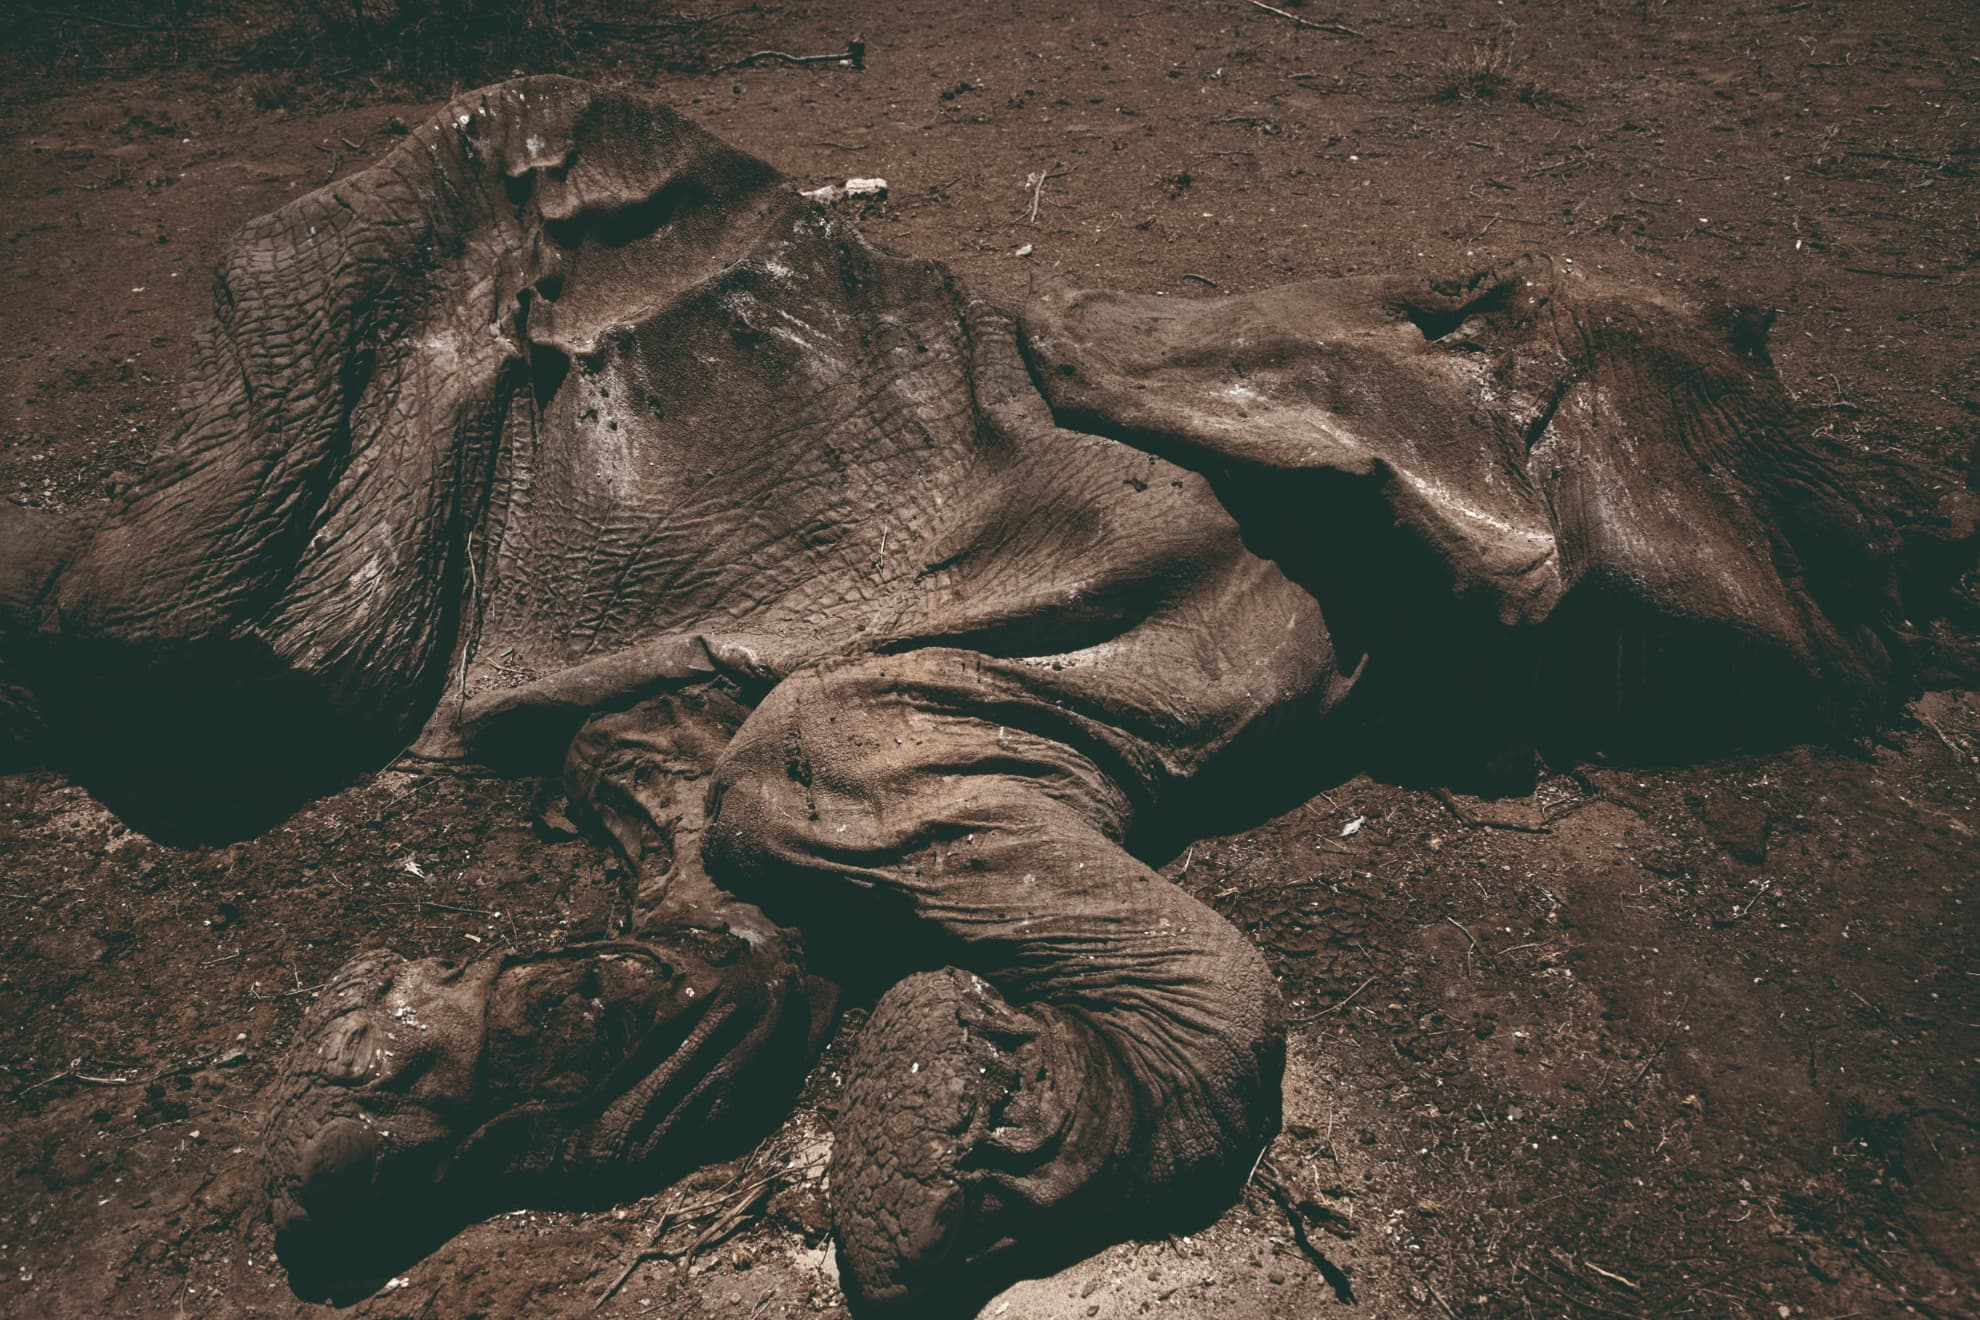 Cadáver de elefante en el Parque Nacional de Samburu, en la provincia Central de Kenia. Octubre de 2009.